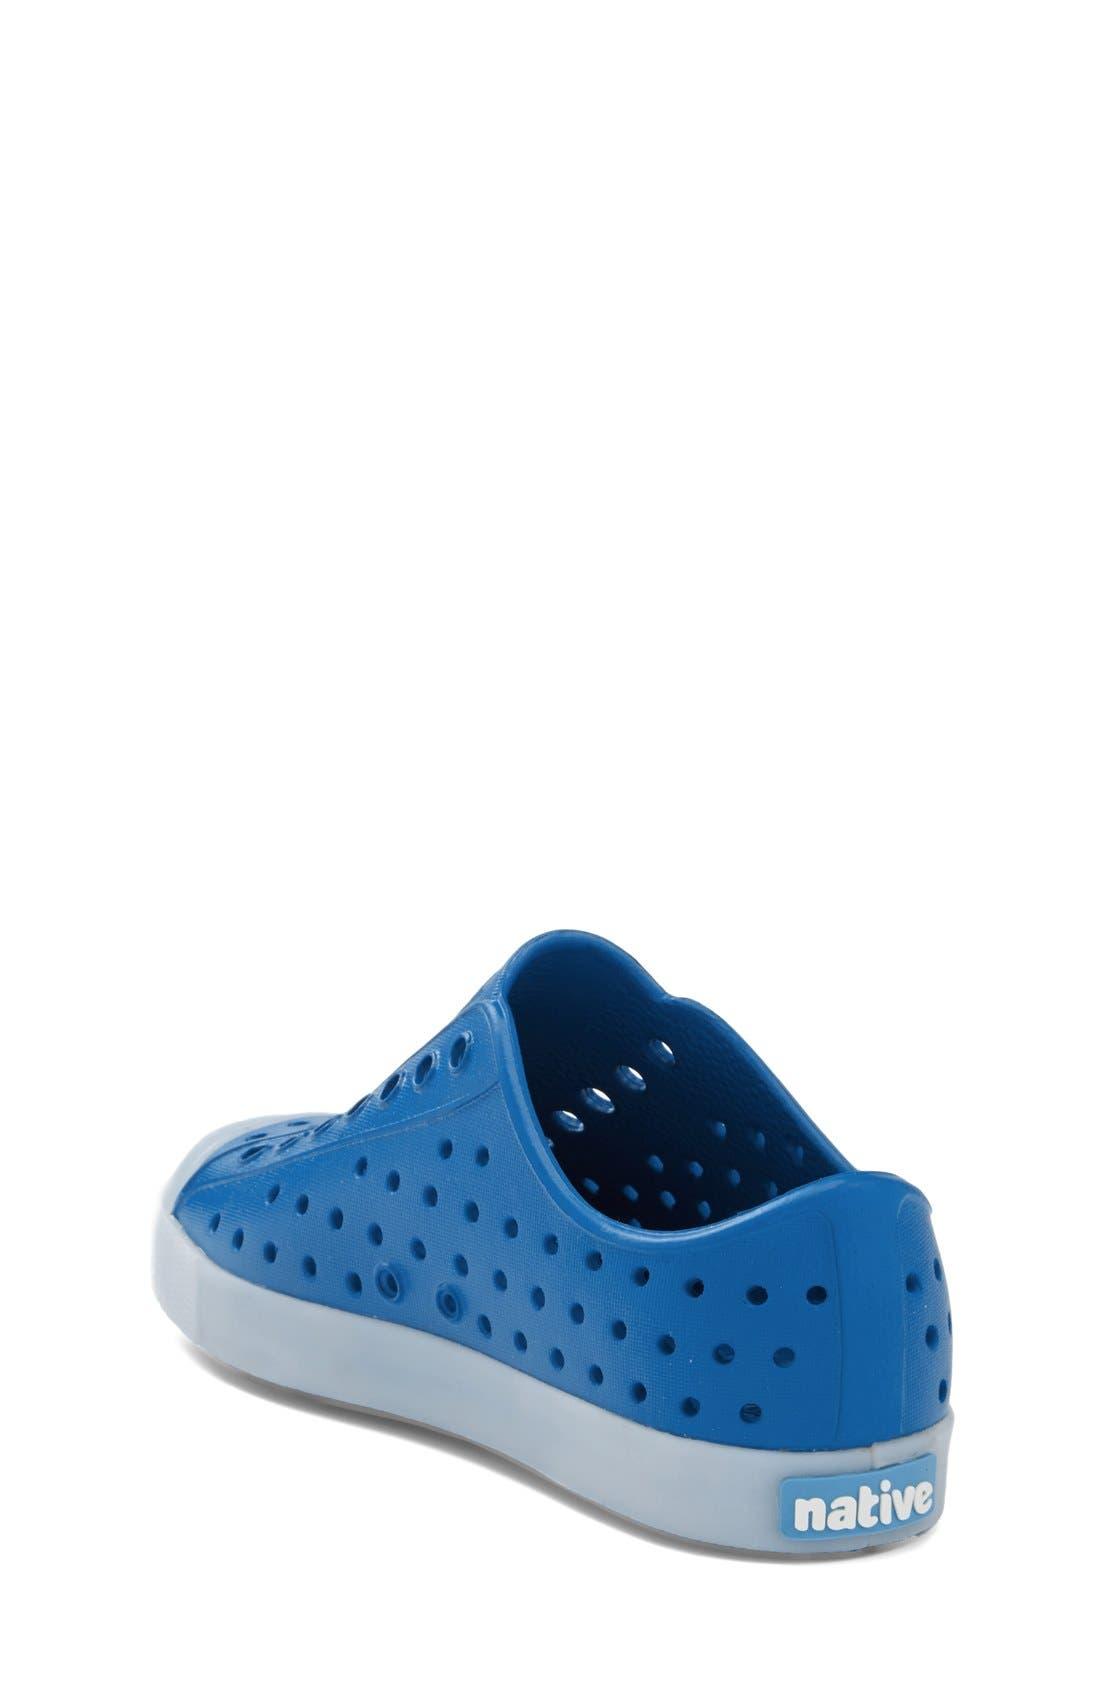 Alternate Image 2  - Native Shoes Jefferson - Glow in the Dark Sneaker (Walker, Toddler & Little Kid)